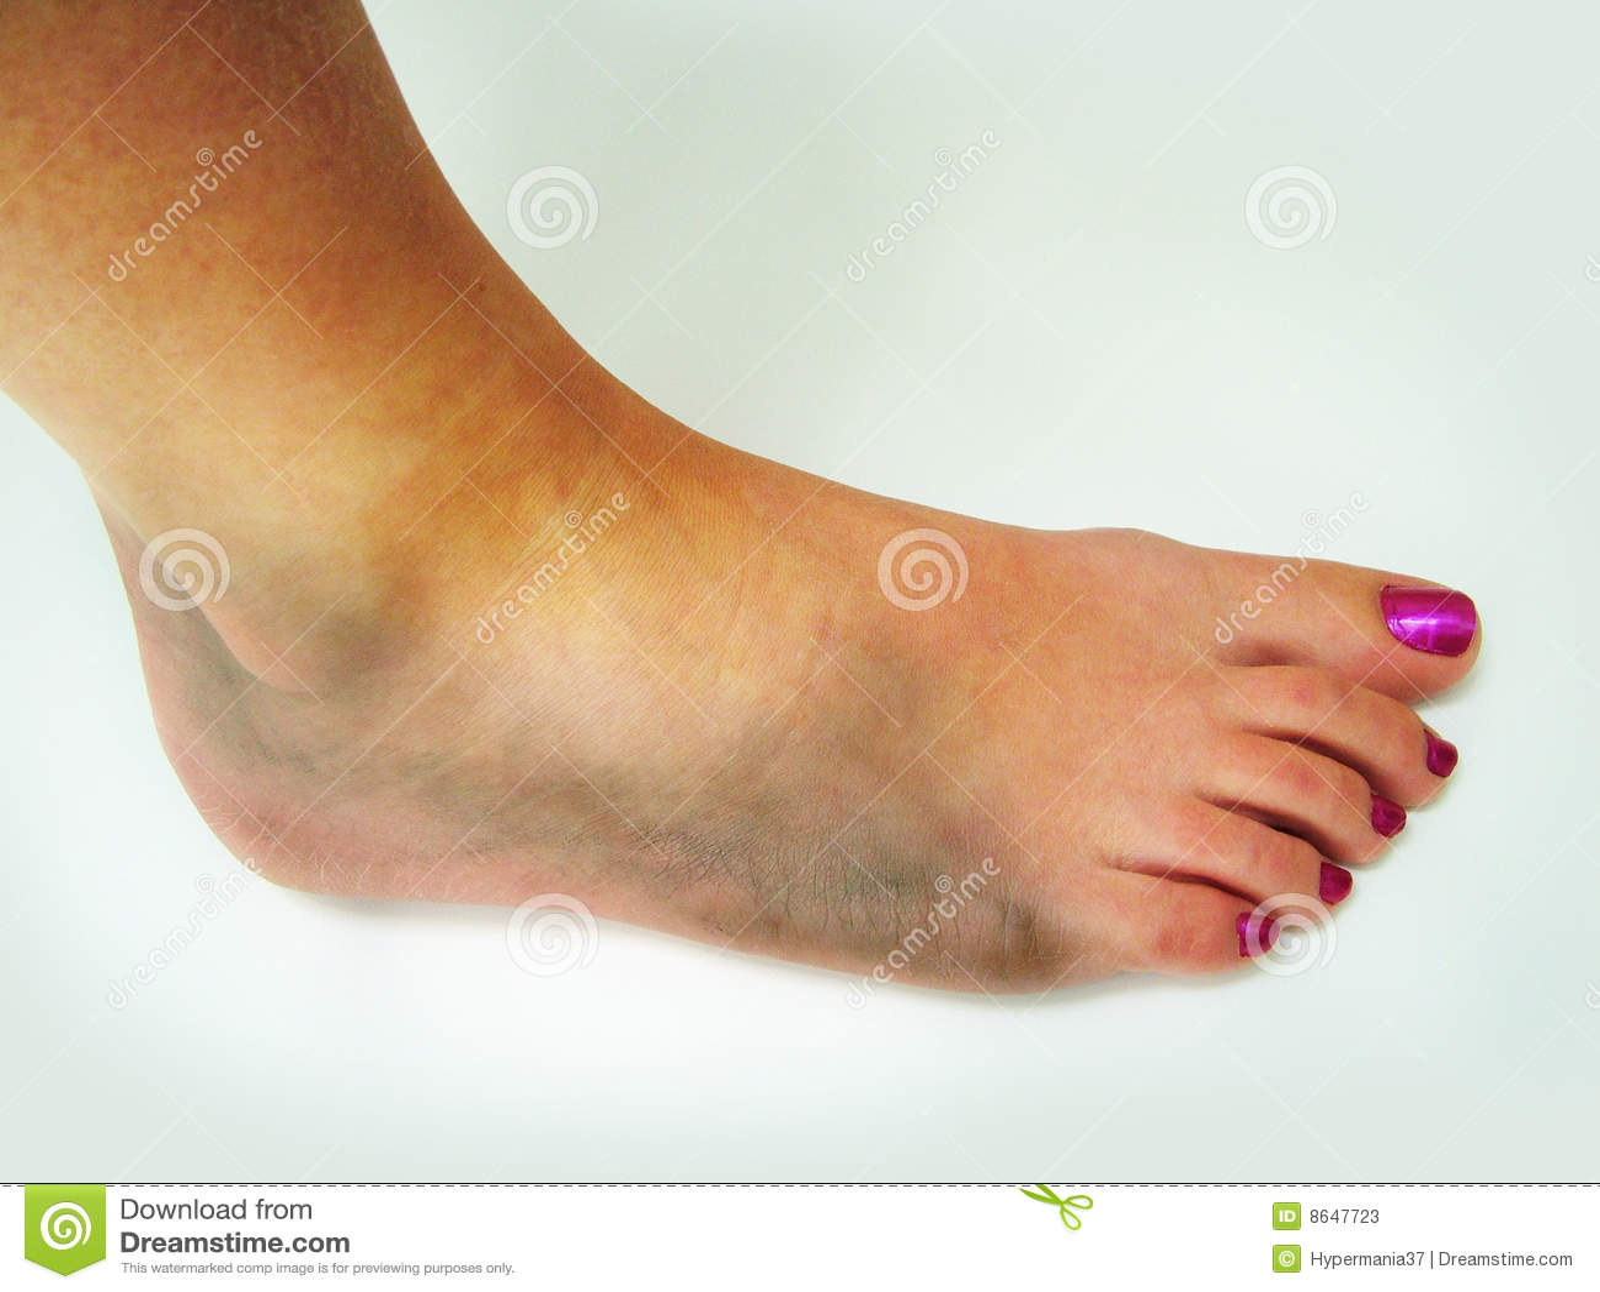 Ушиб голеностопного сустава и его лечения в домашних условиях